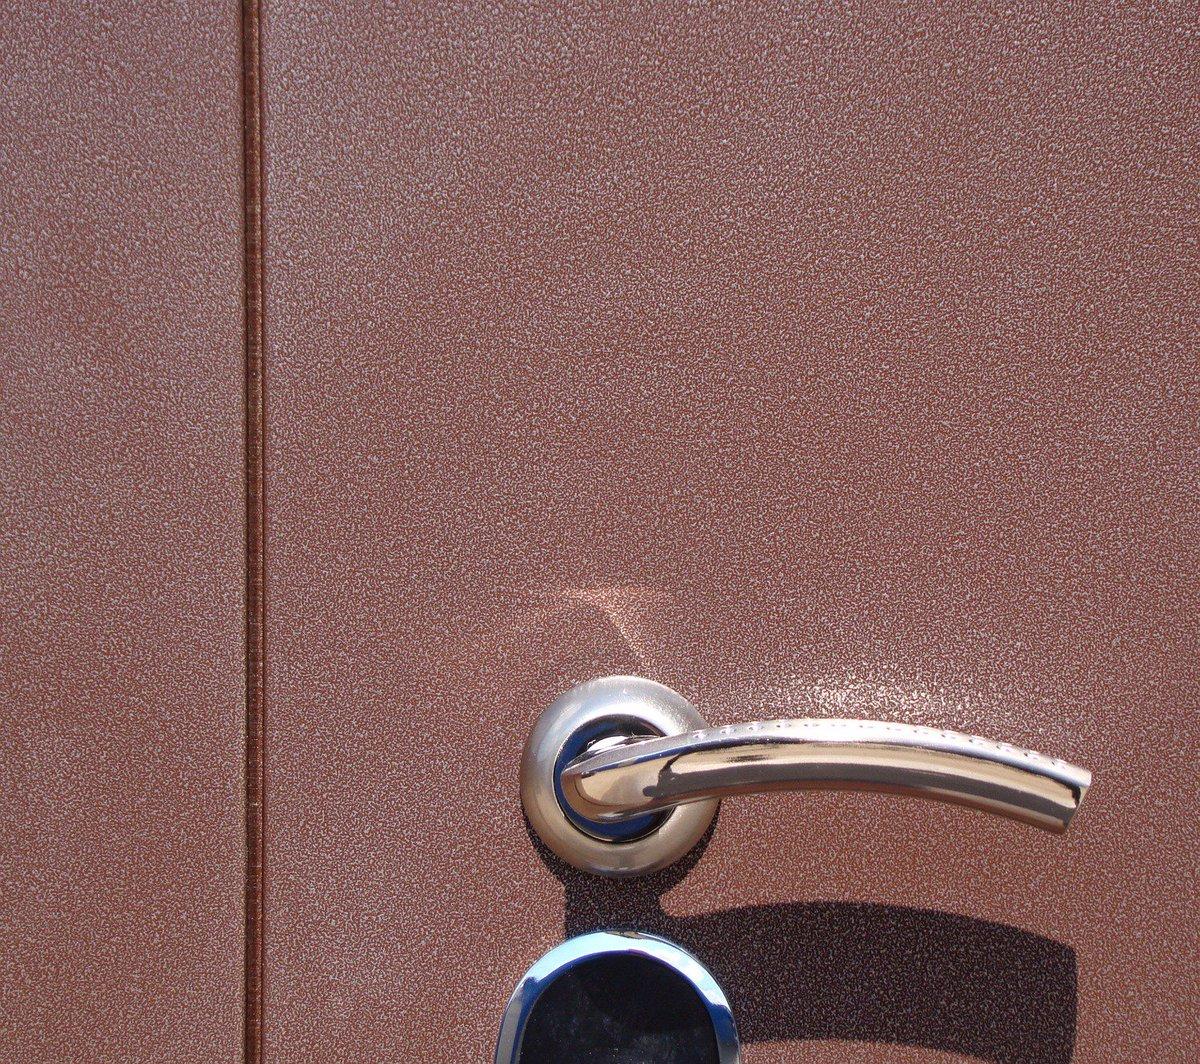 порошково полимерное покрытие в железных дверях